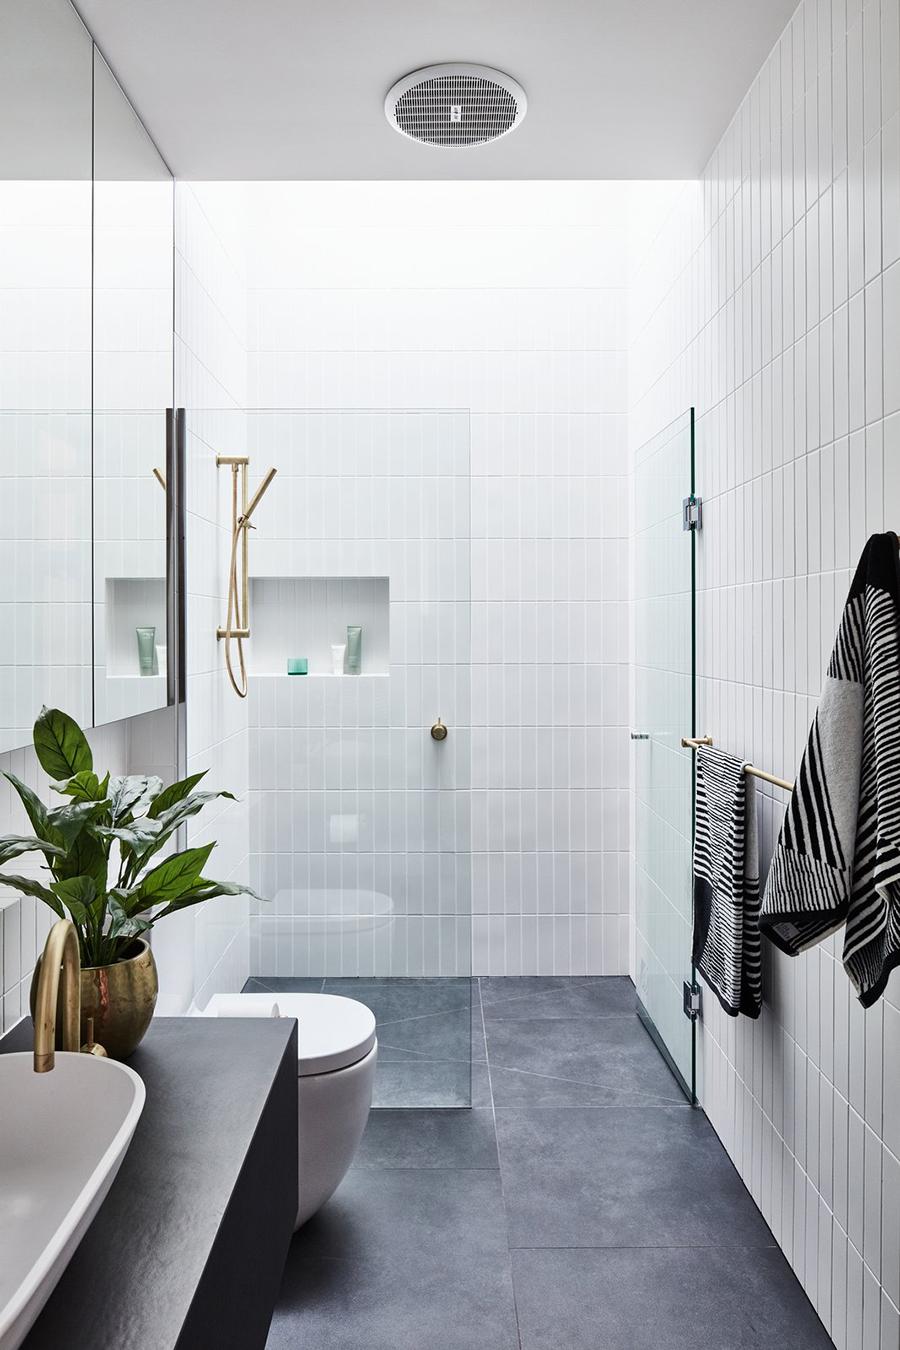 Uno de los cristales de la mampara basculante abre hacia fuera o hacia adentro de la ducha.